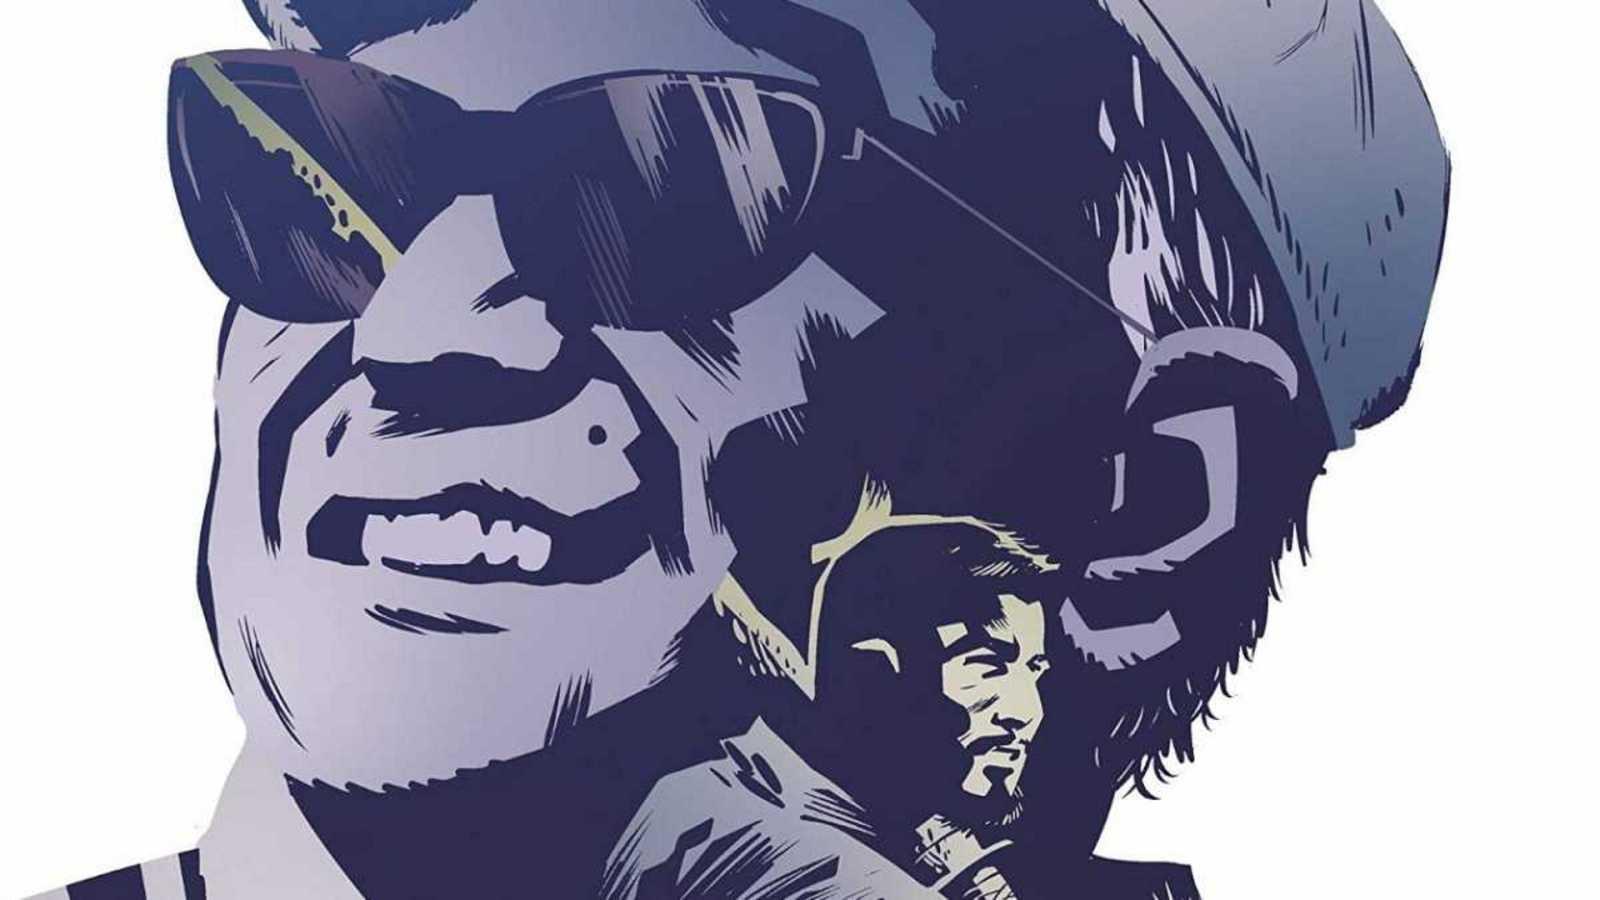 """Viñetas y bocadillos - Víctor Santos """"Akira Kurosawa. El samurái caído"""" - 22/08/20 - Escuchar ahora"""